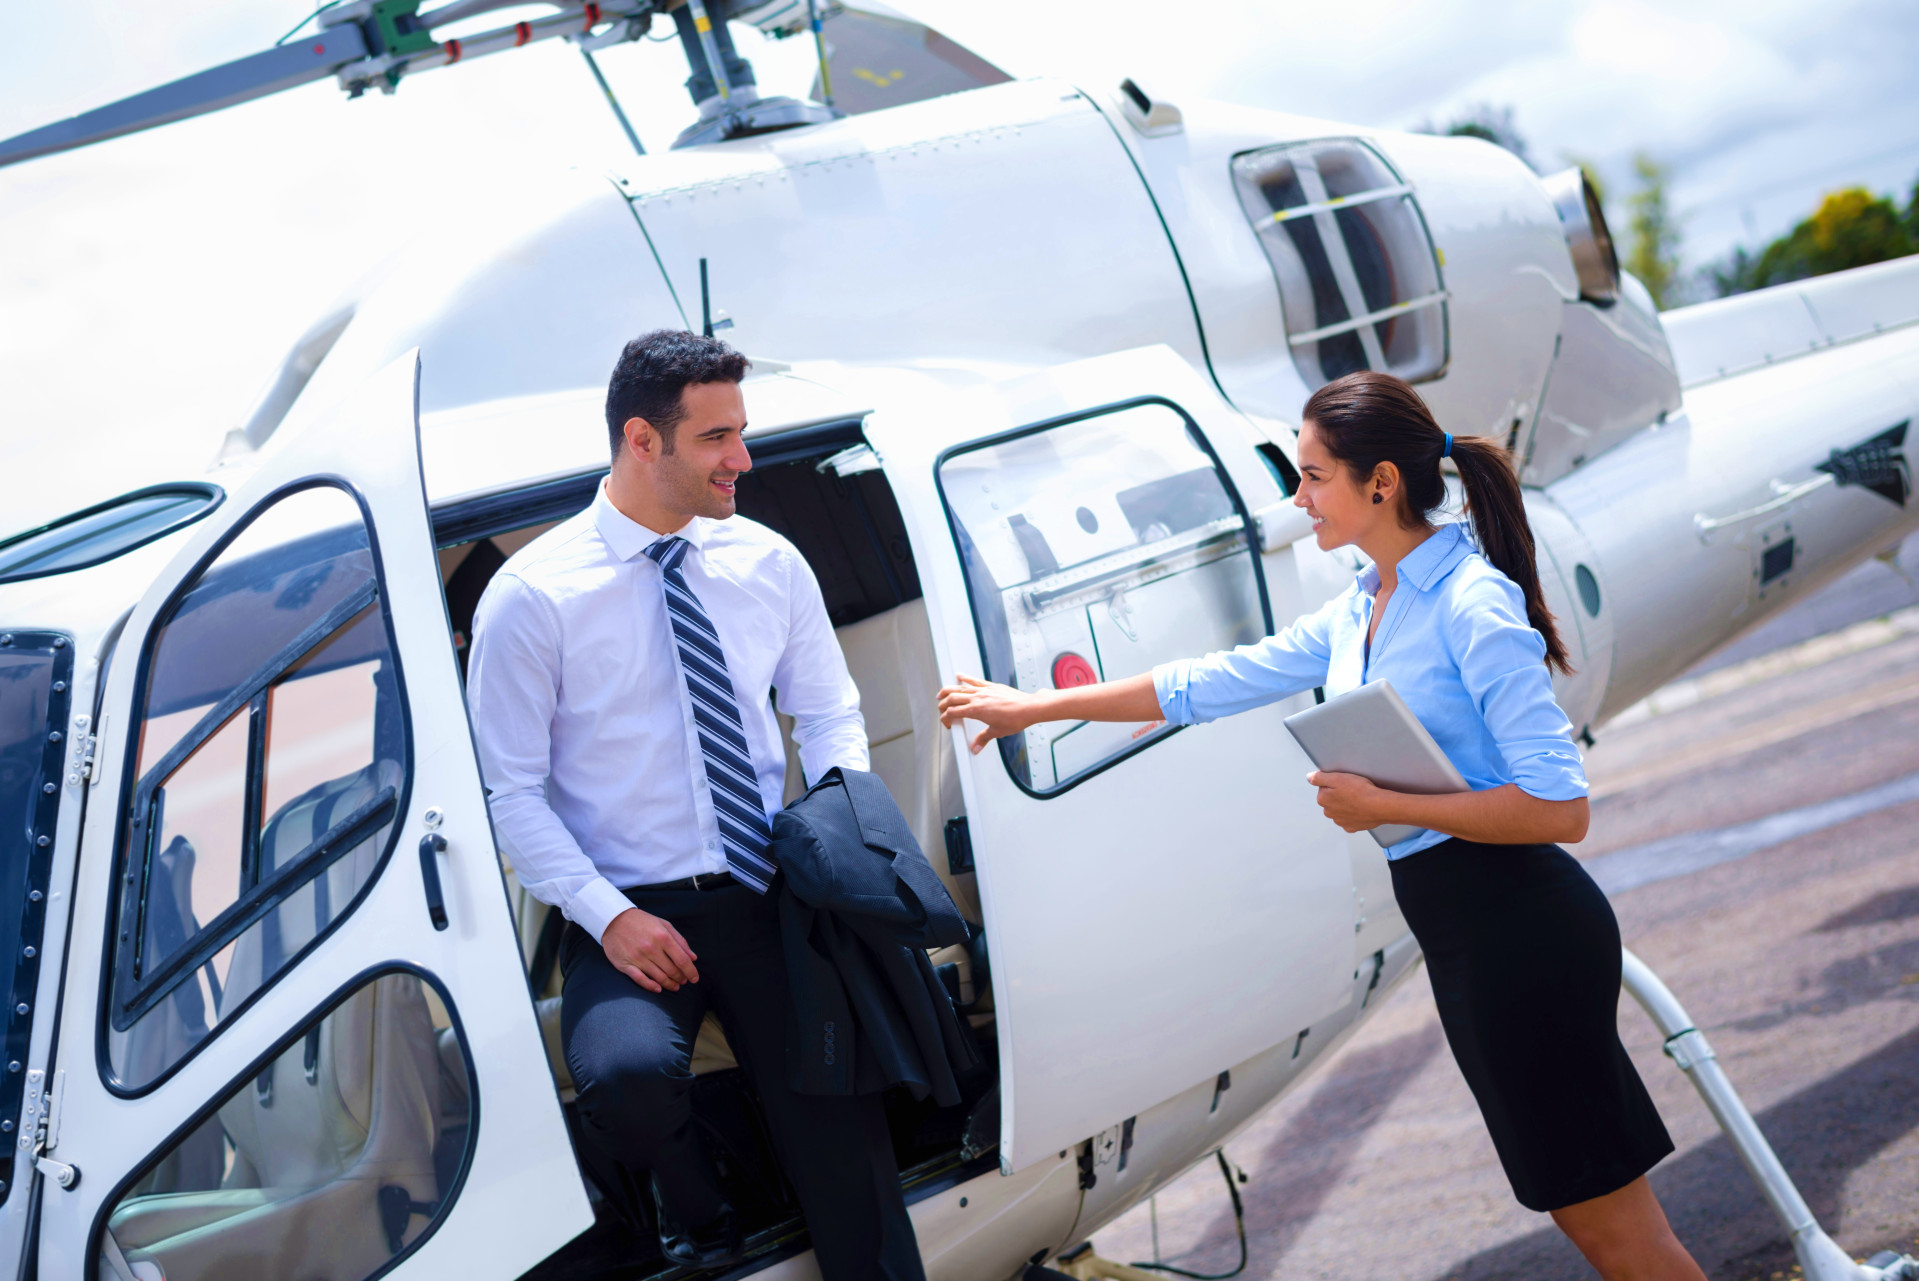 FreeSky Helicopter - Vorteile Helikopter Reisen